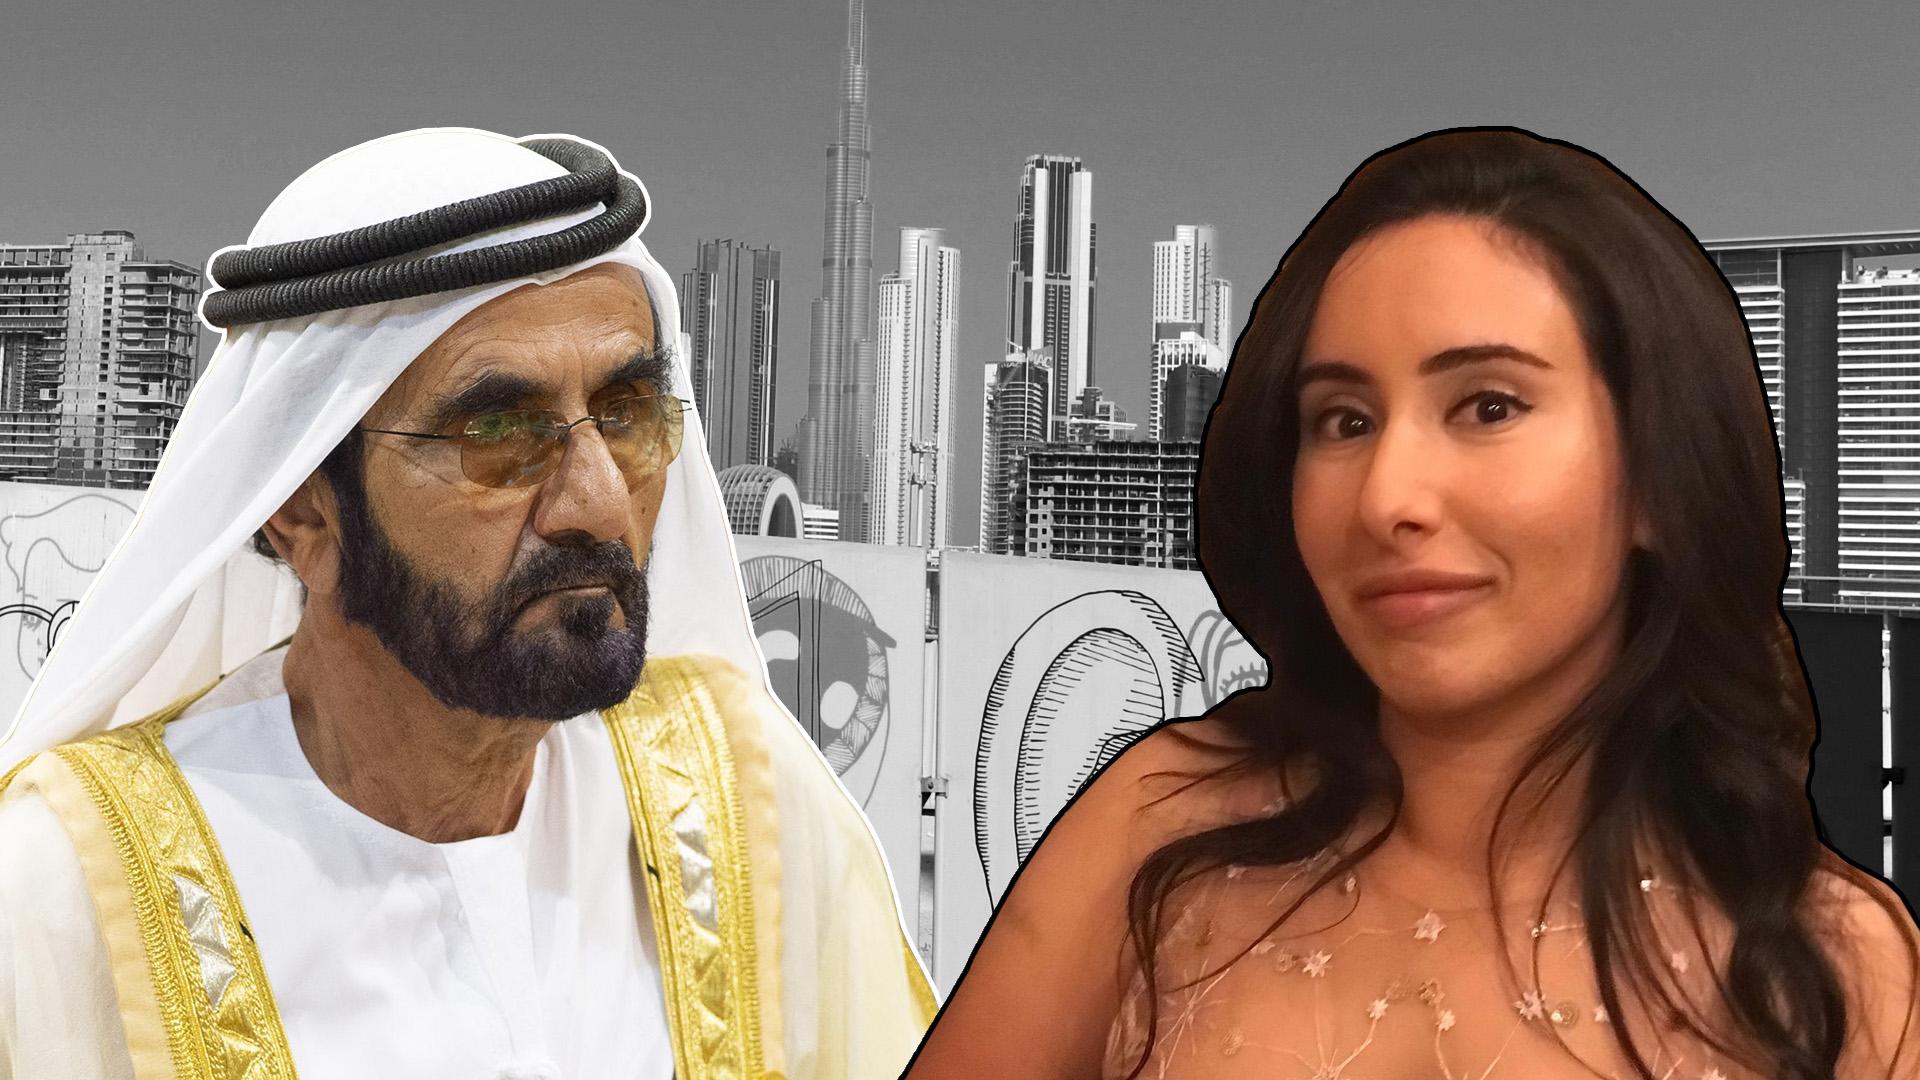 Saját lányát tartja fogva a dubaji uralkodó